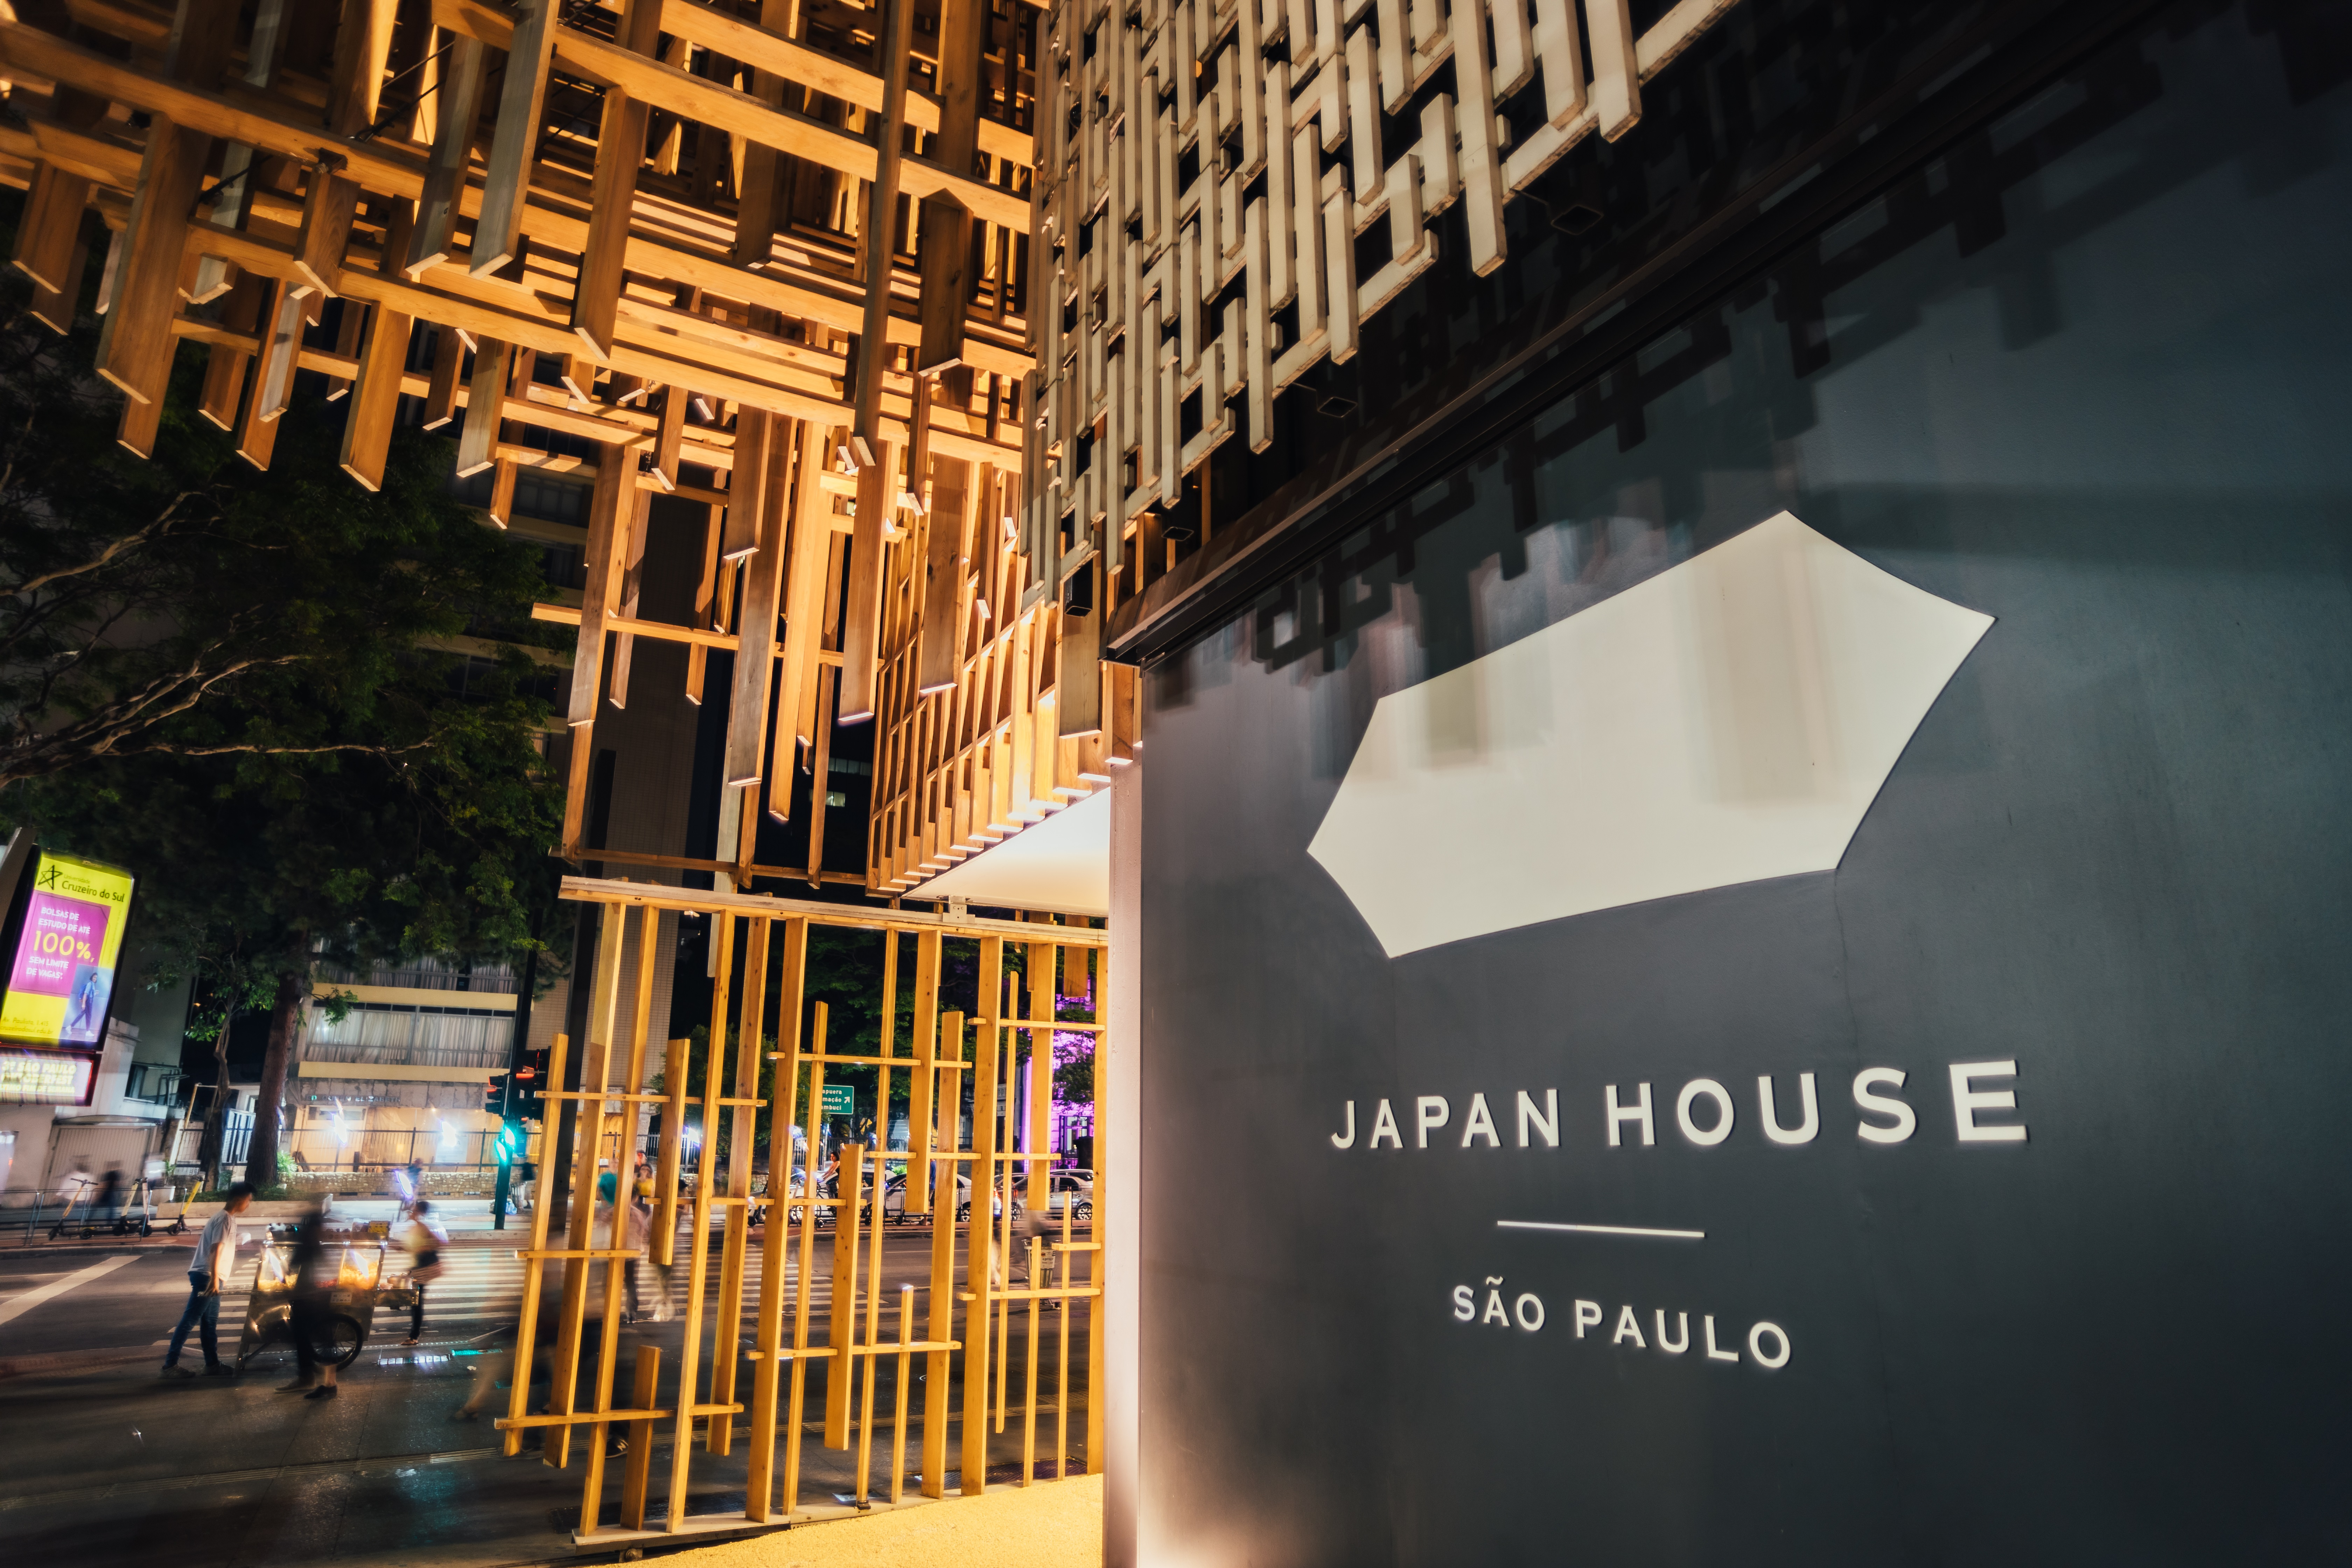 Japan House Realiza Eventos On Line Sobre Cultura Do Pais Luciana Barbo